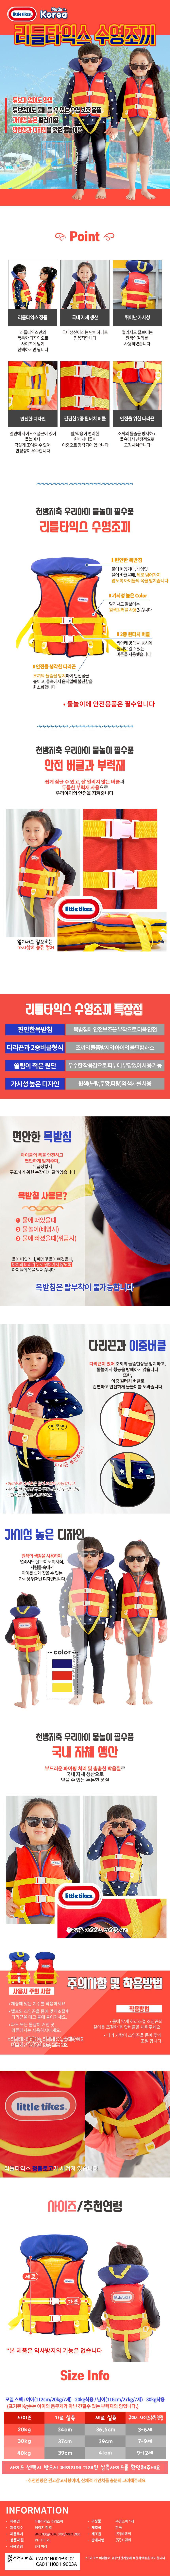 리틀타익스 수영조끼 어린이 부력보조복 - 비앤씨, 24,800원, 튜브/구명조끼, 구명조끼